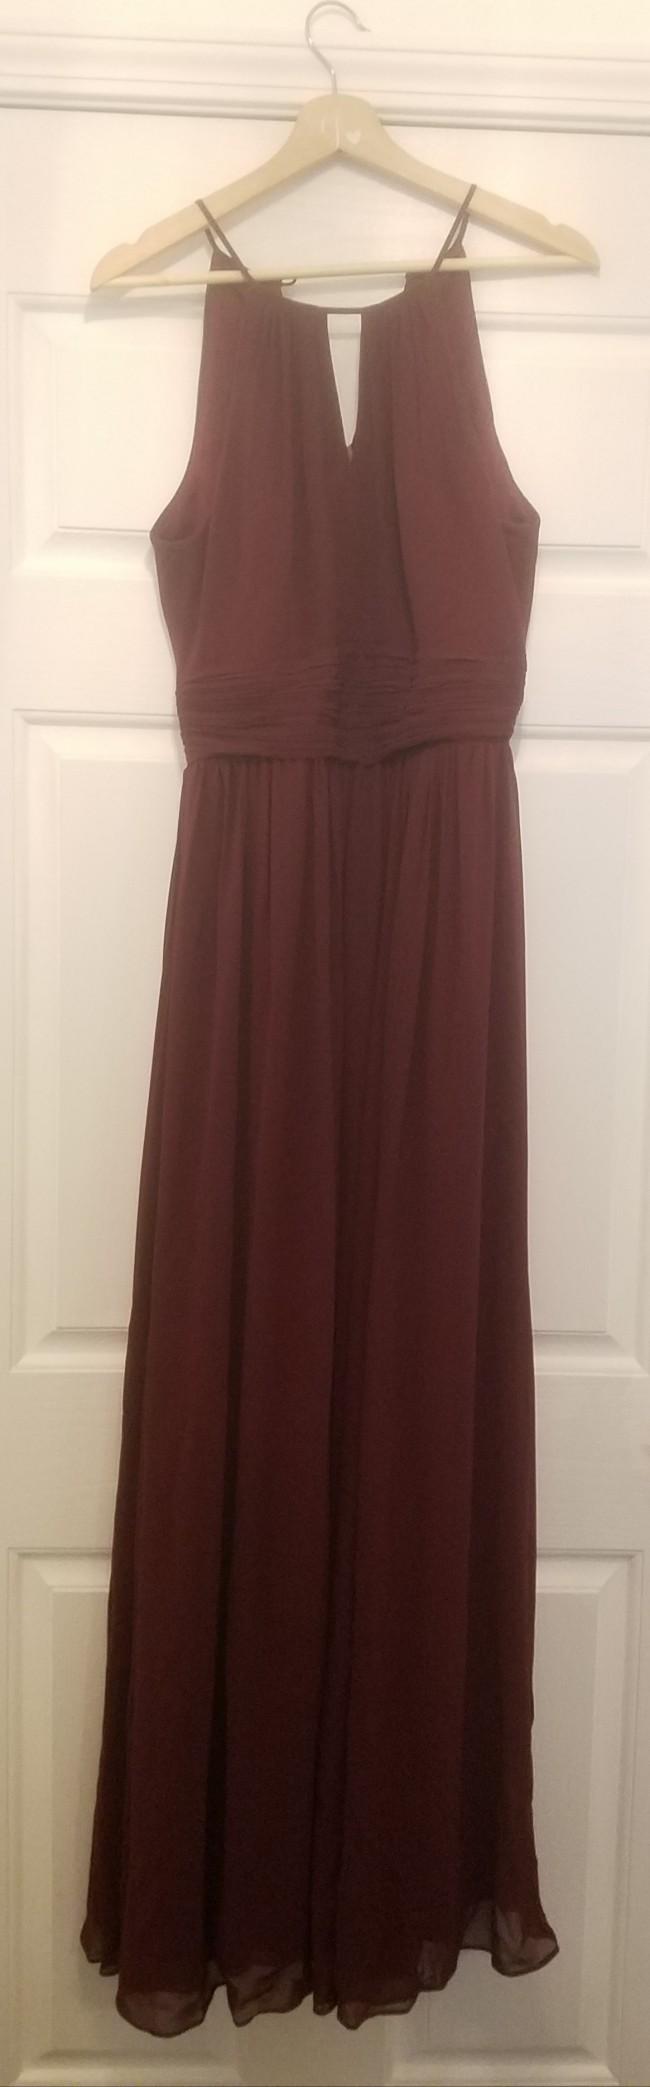 Bill Levkoff Keyhole Chiffon A-Line Gown